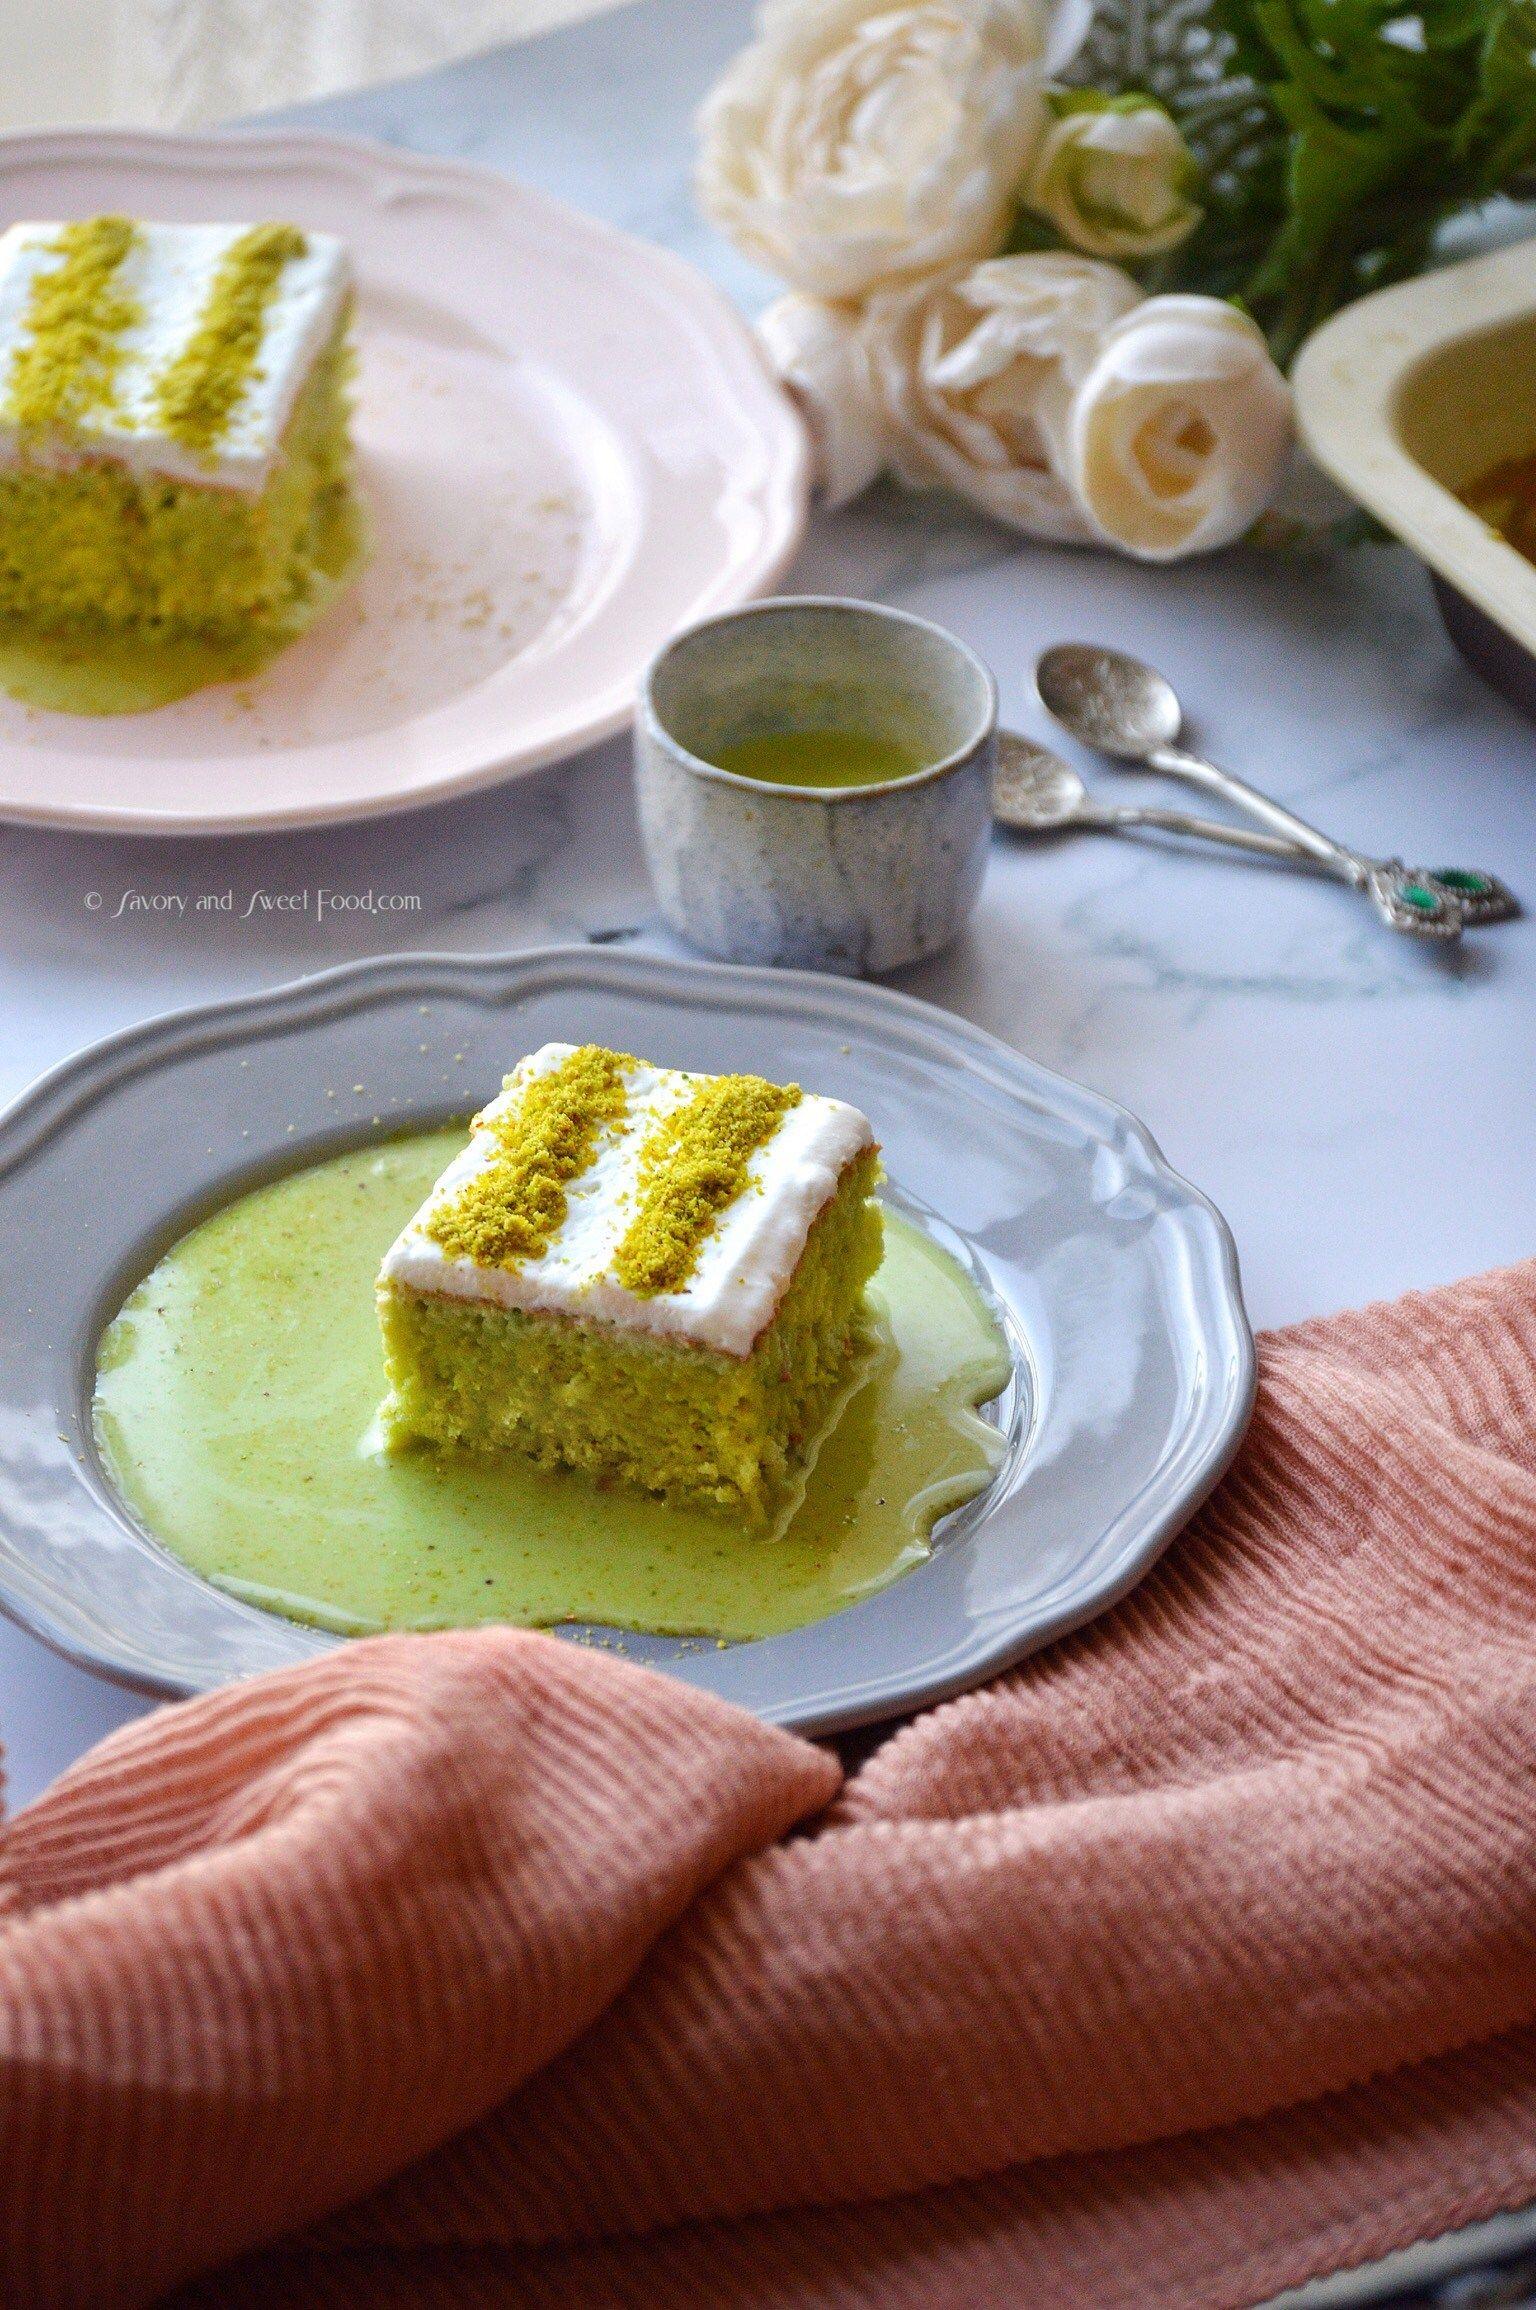 Pistachio Milk Cake/ Pistachio Tres Leches